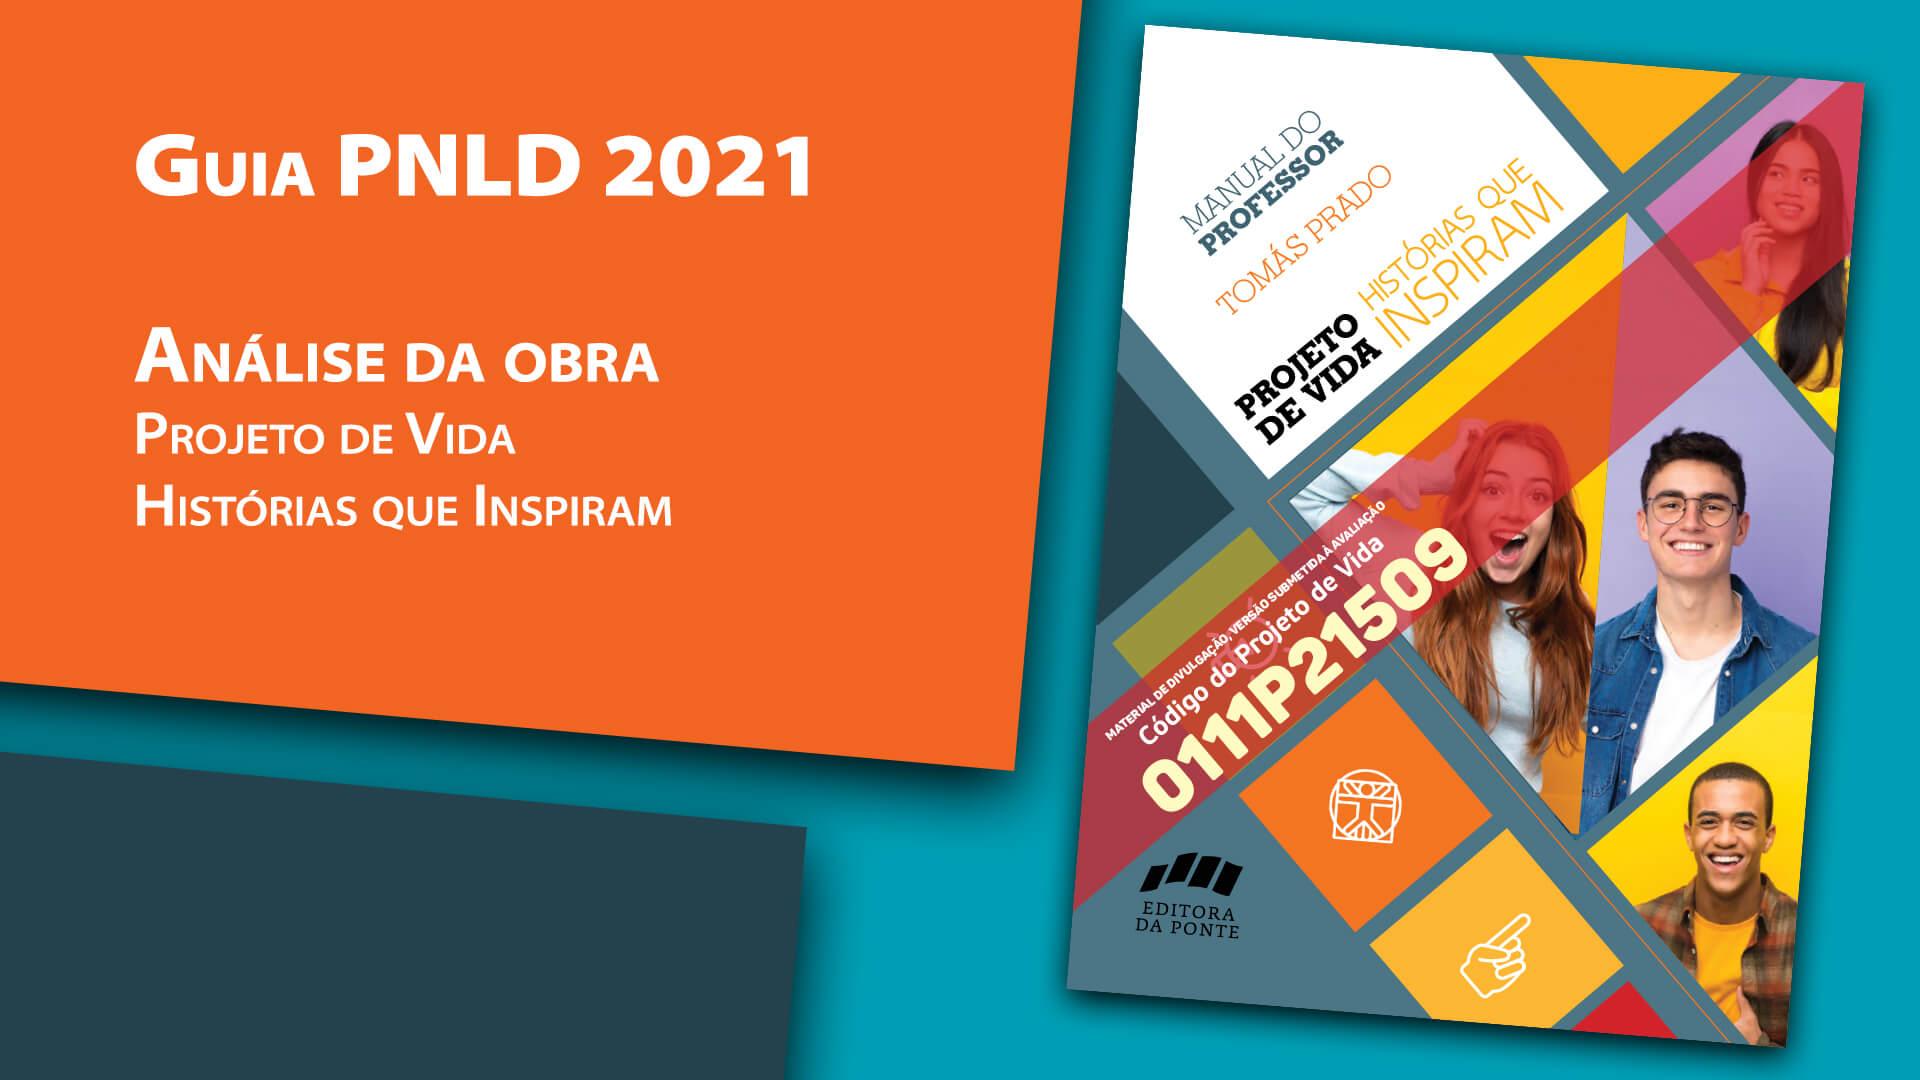 Guia PNLD 2021| Análise da obra | Projeto de Vida